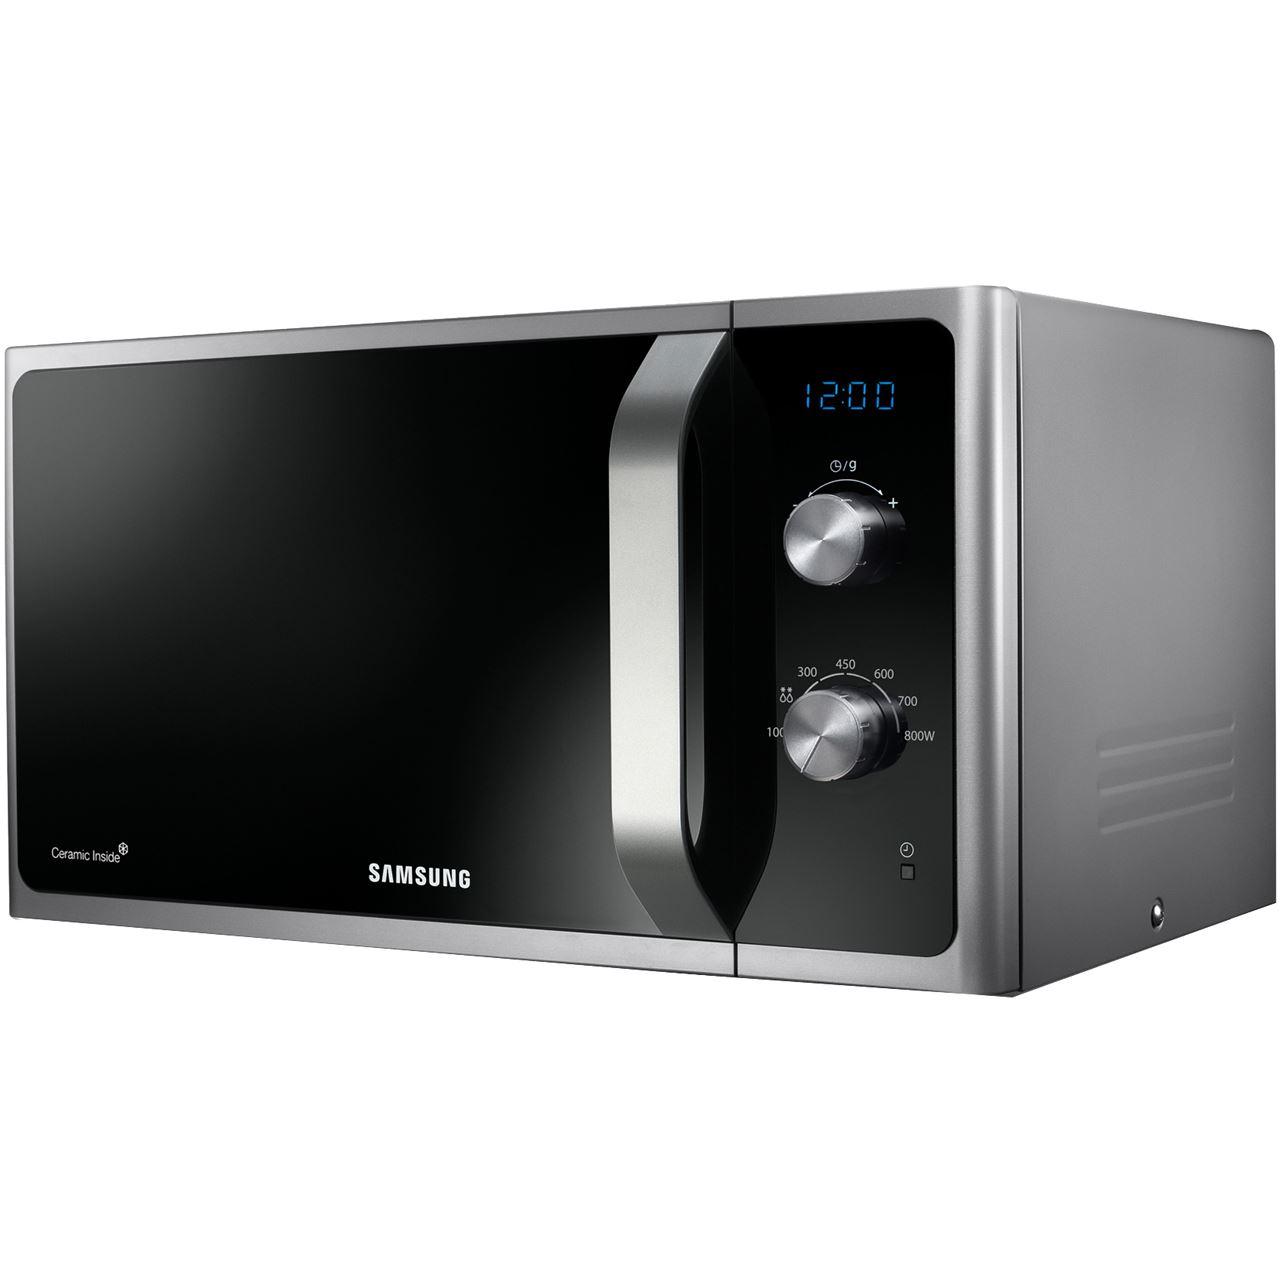 Samsung MS23F301EAS Mikrowelle - Mikrowellen | Mindfactory.de